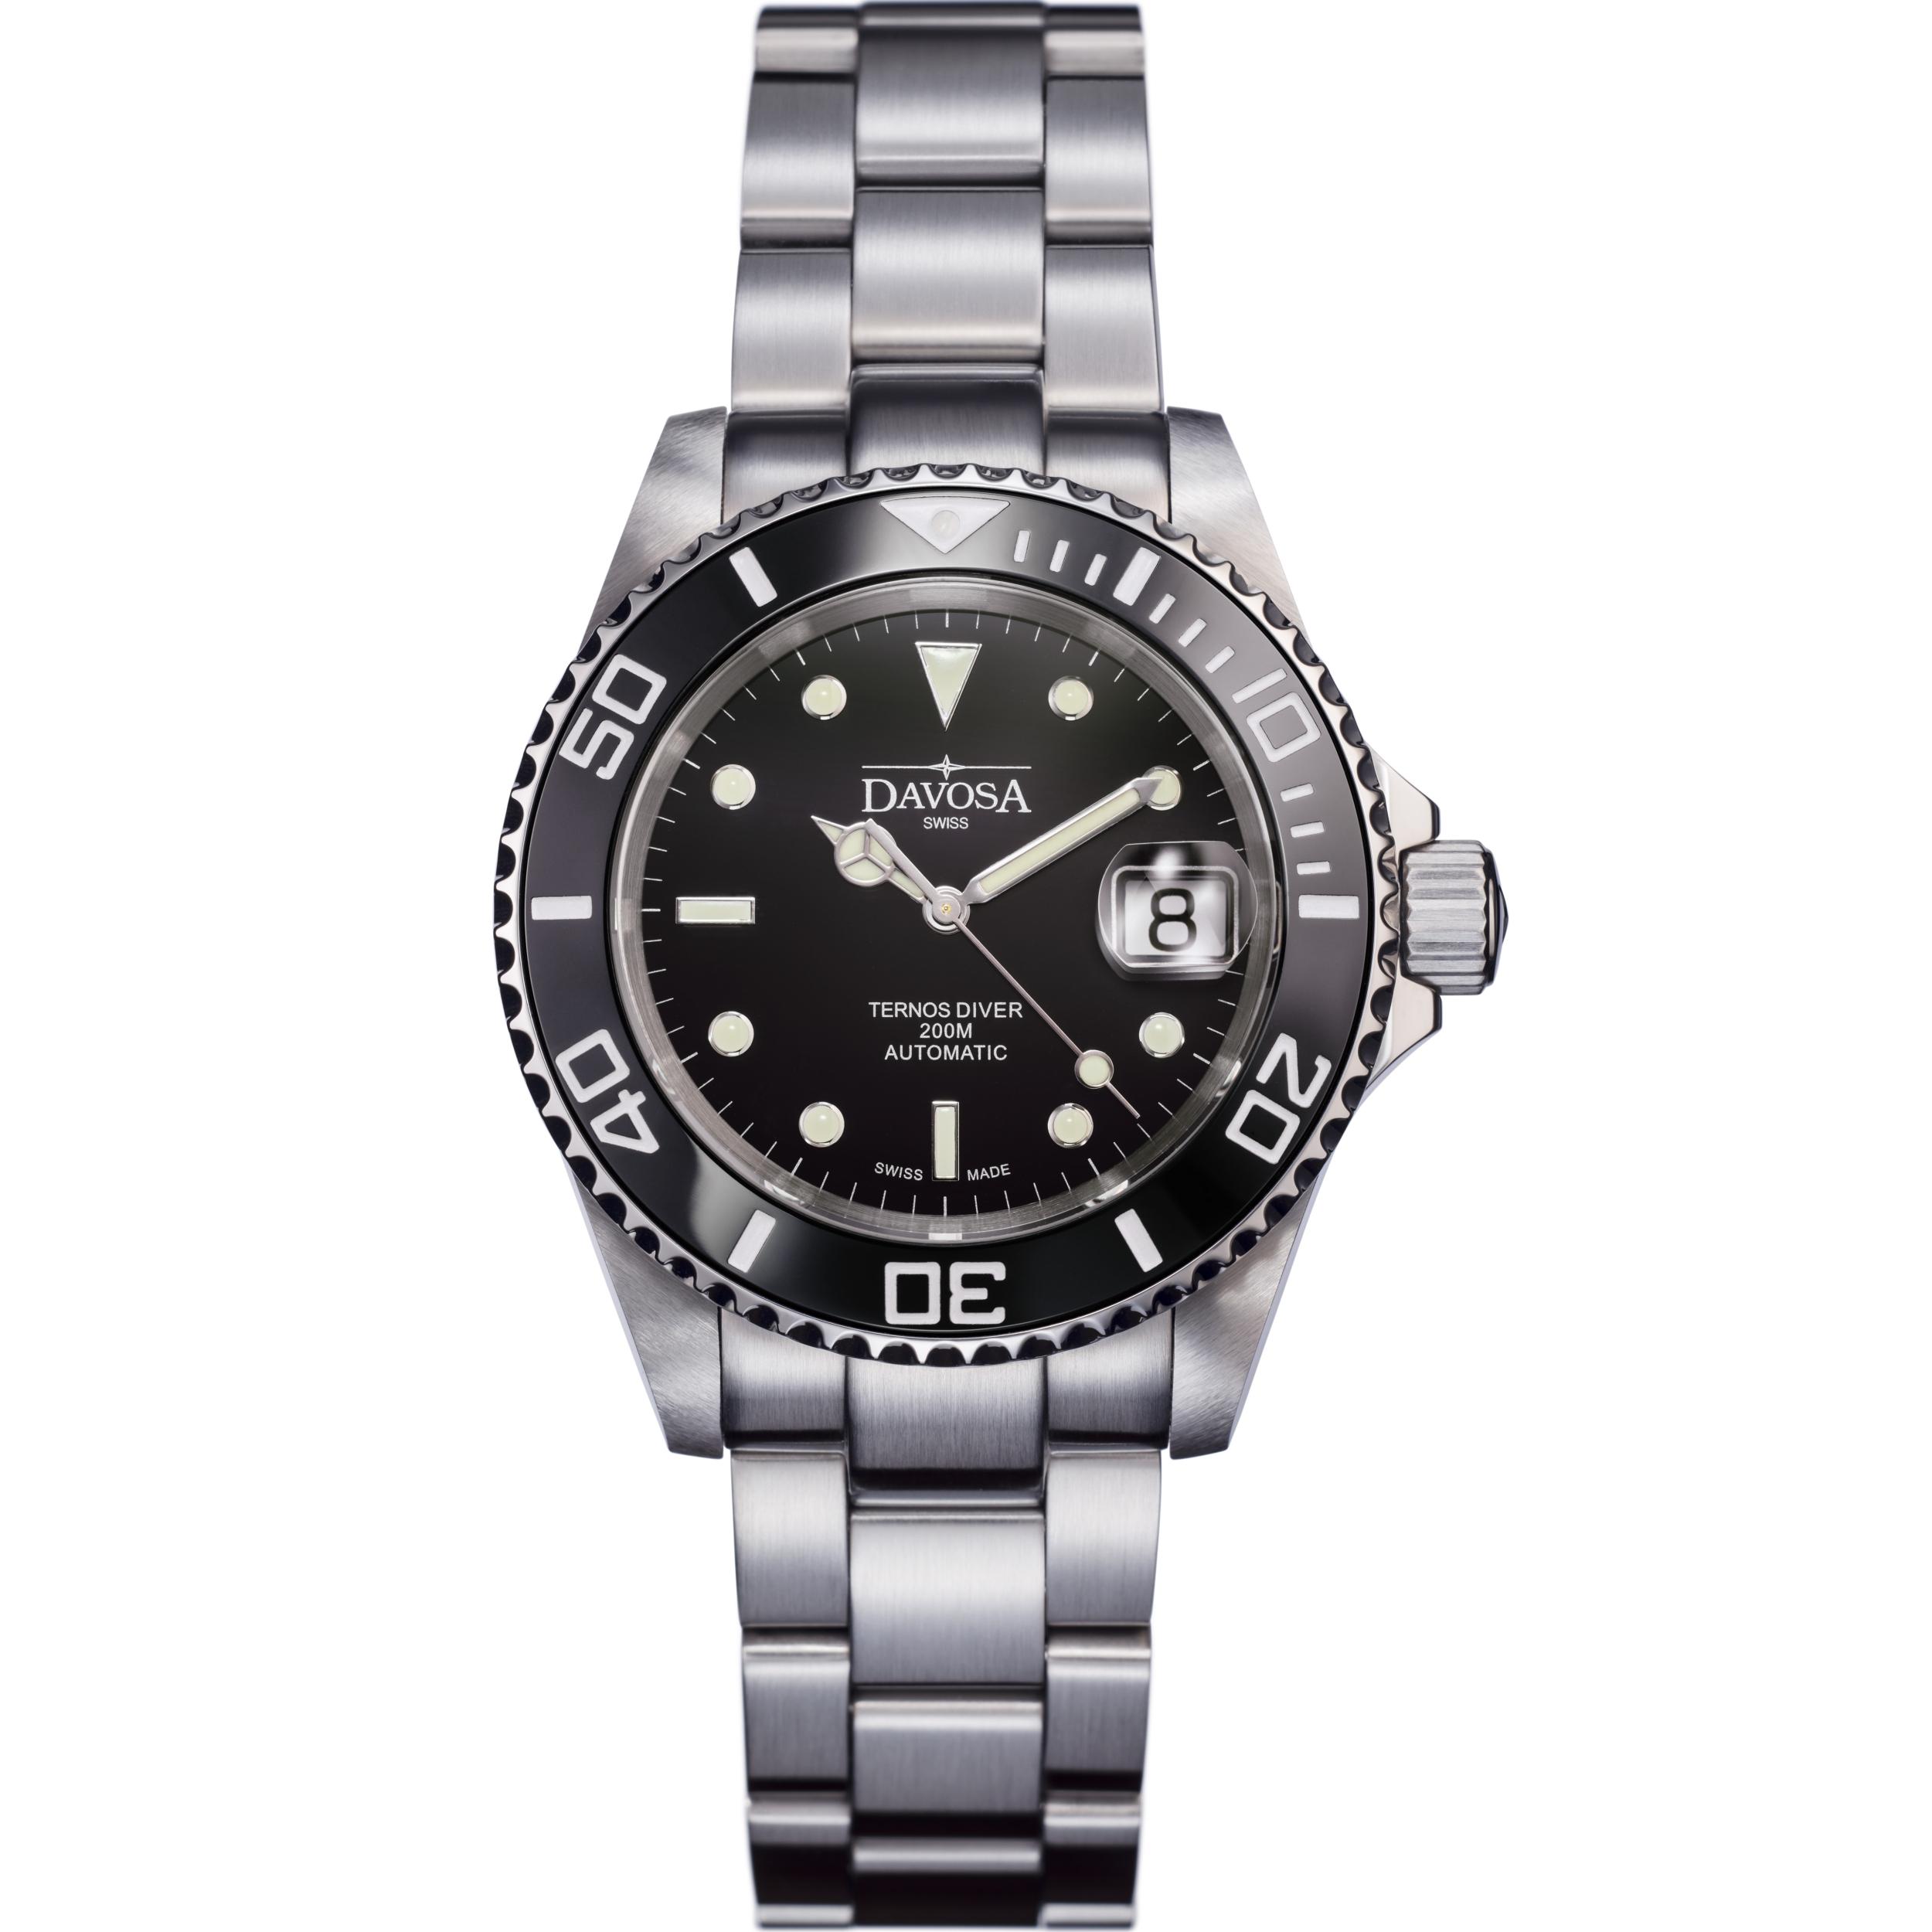 7884496da Gents Davosa Ternos Ceramic Watch (16155550)   WatchShop.com™